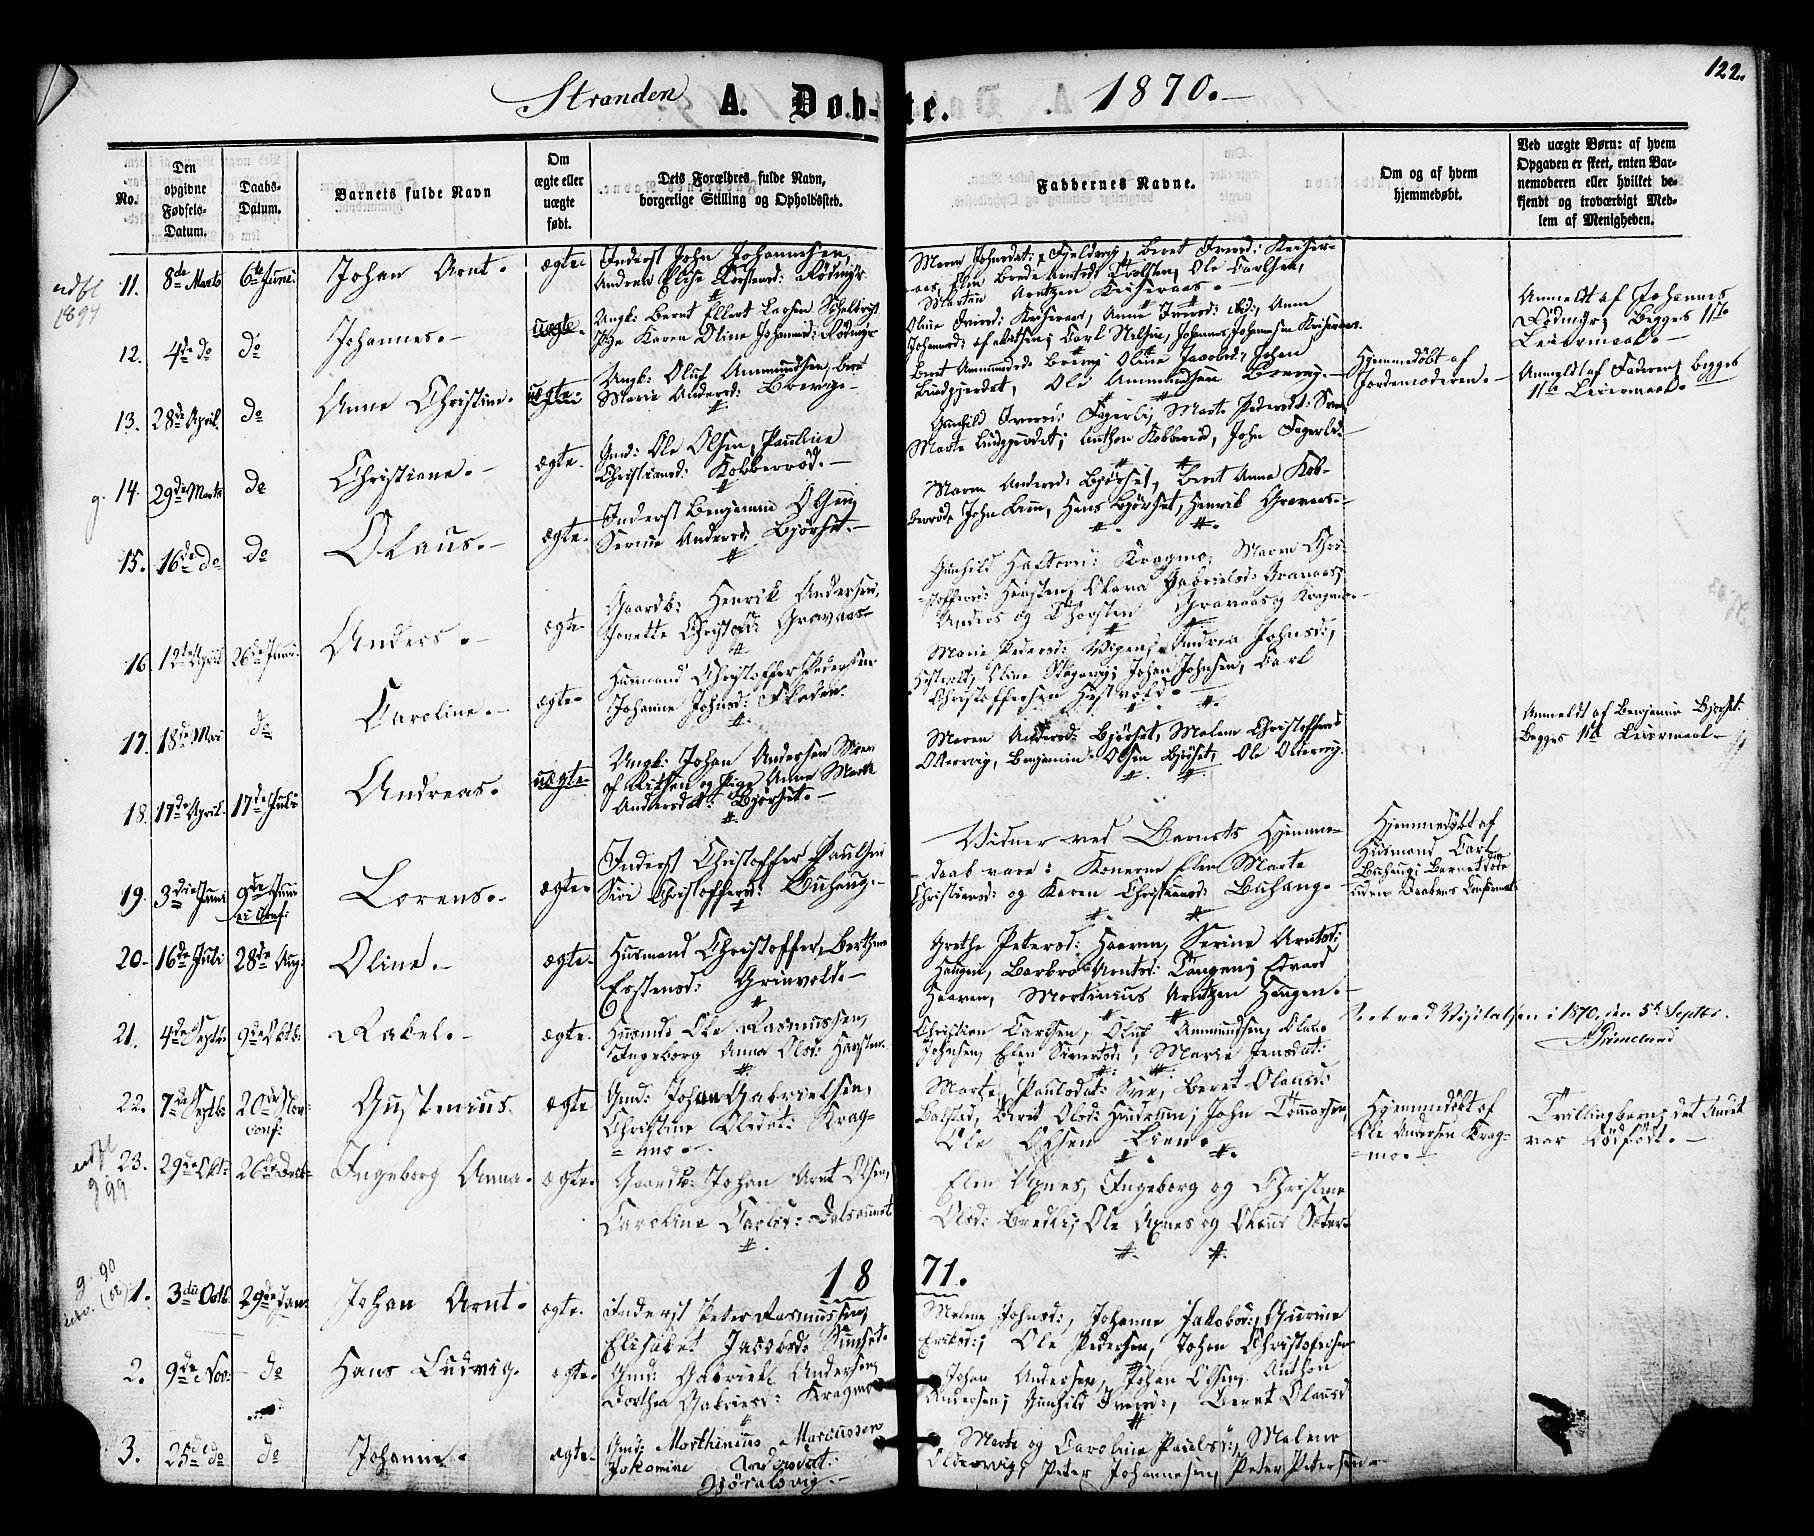 SAT, Ministerialprotokoller, klokkerbøker og fødselsregistre - Nord-Trøndelag, 701/L0009: Ministerialbok nr. 701A09 /2, 1864-1882, s. 122